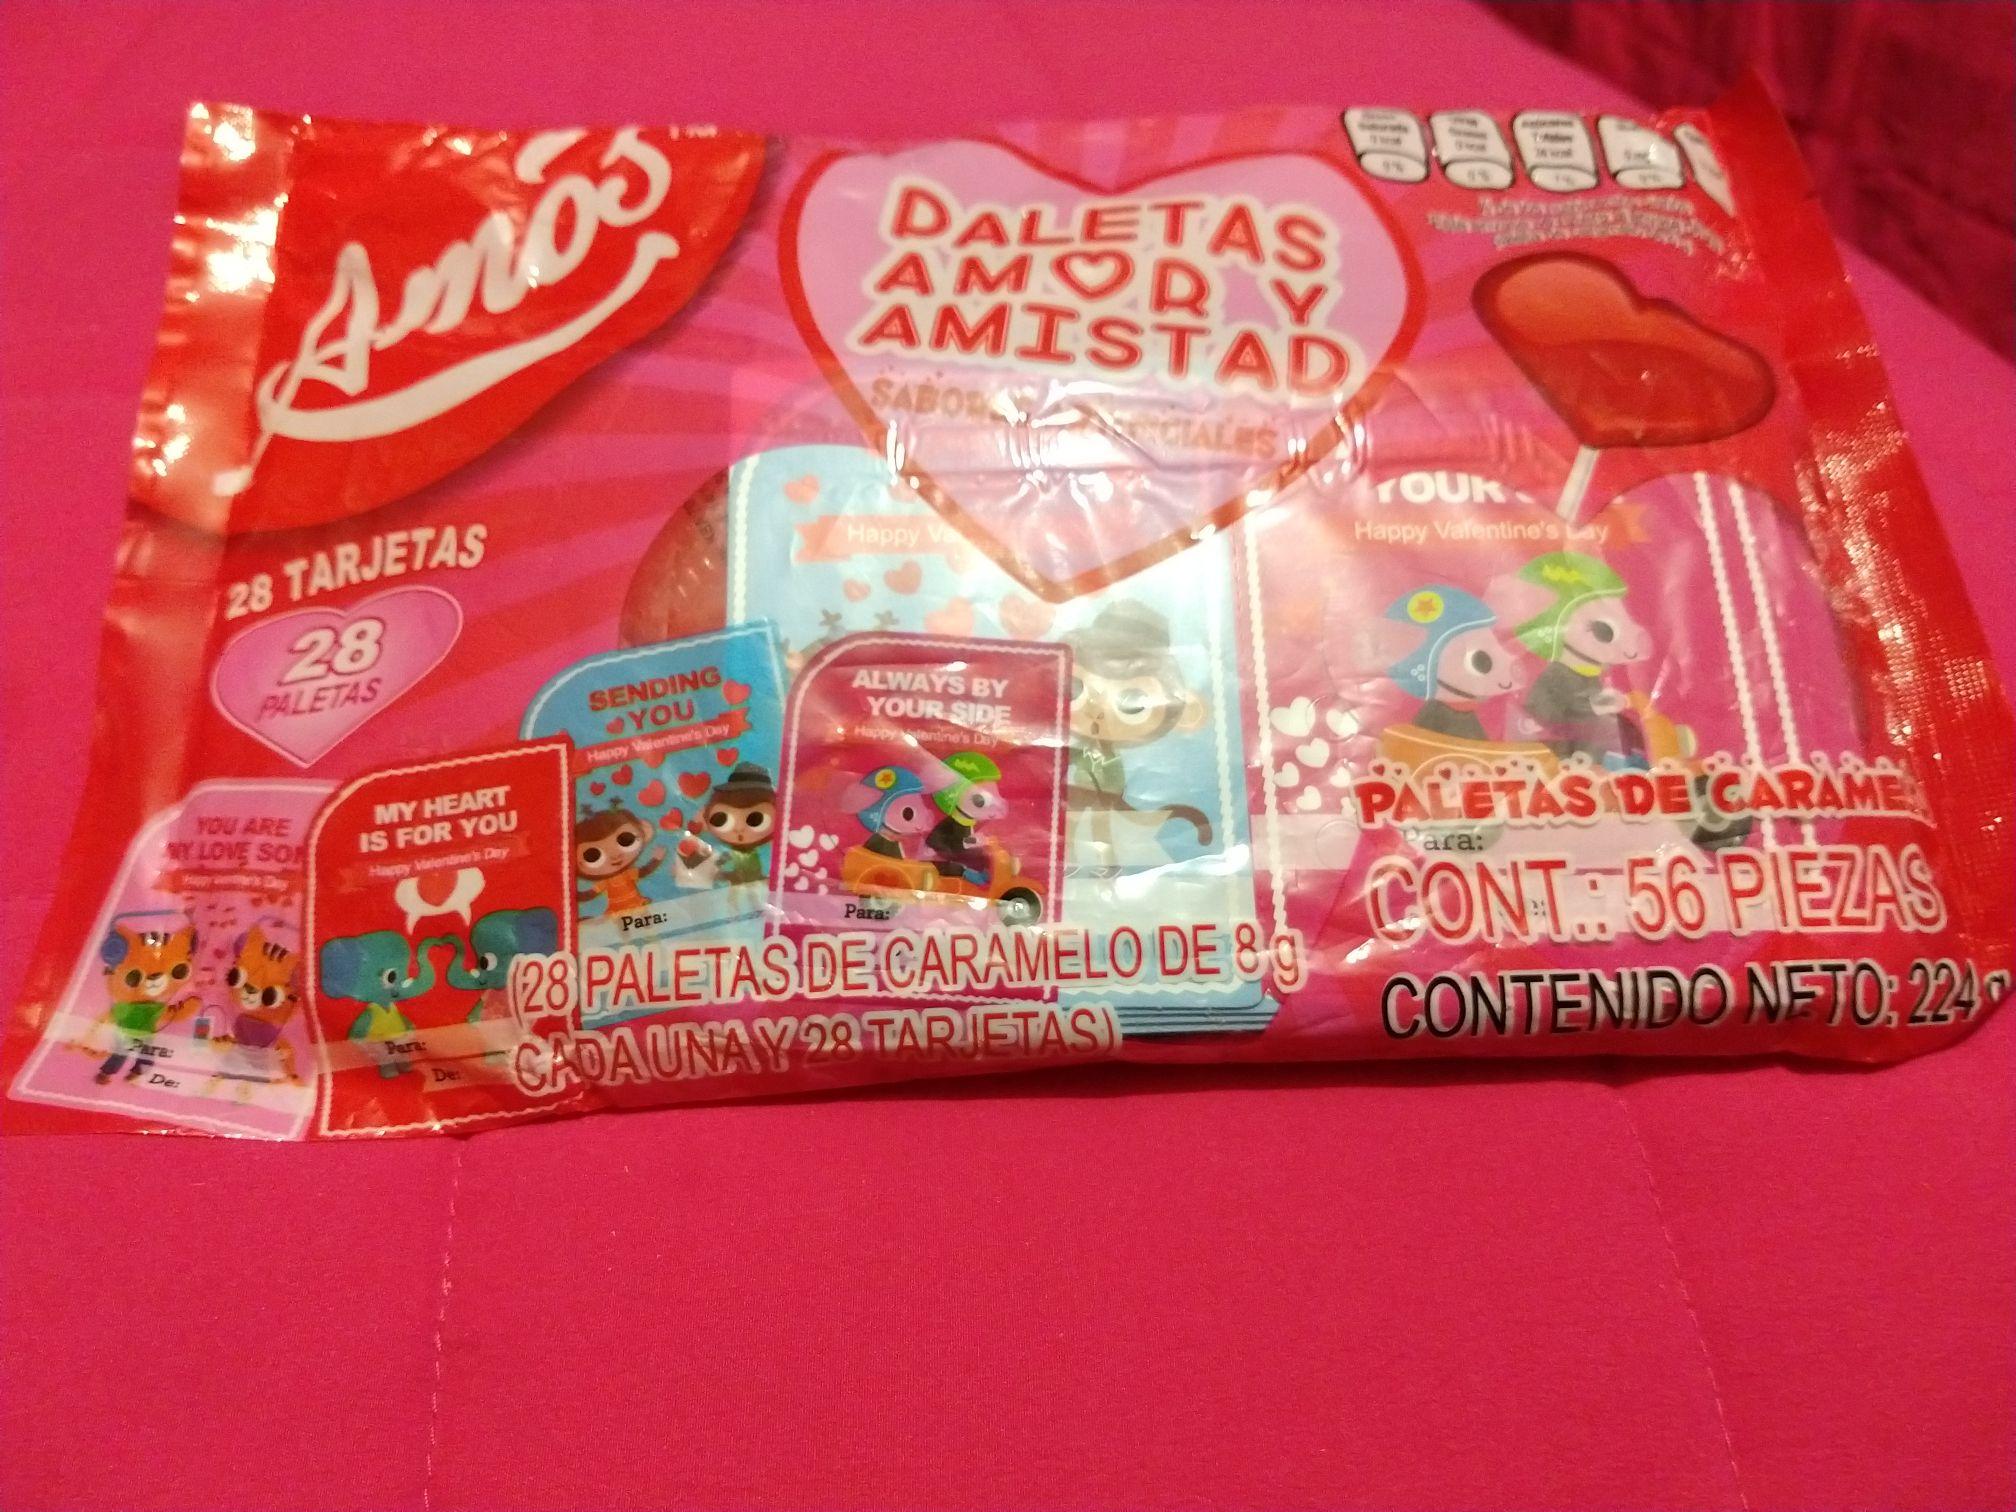 Walmart Unidad Copilco: Bolsa con paletas de caramelo en $3.01, 6 Paletas de dulce de corazón en $3.01, Paleta de malvavisco en $0.71